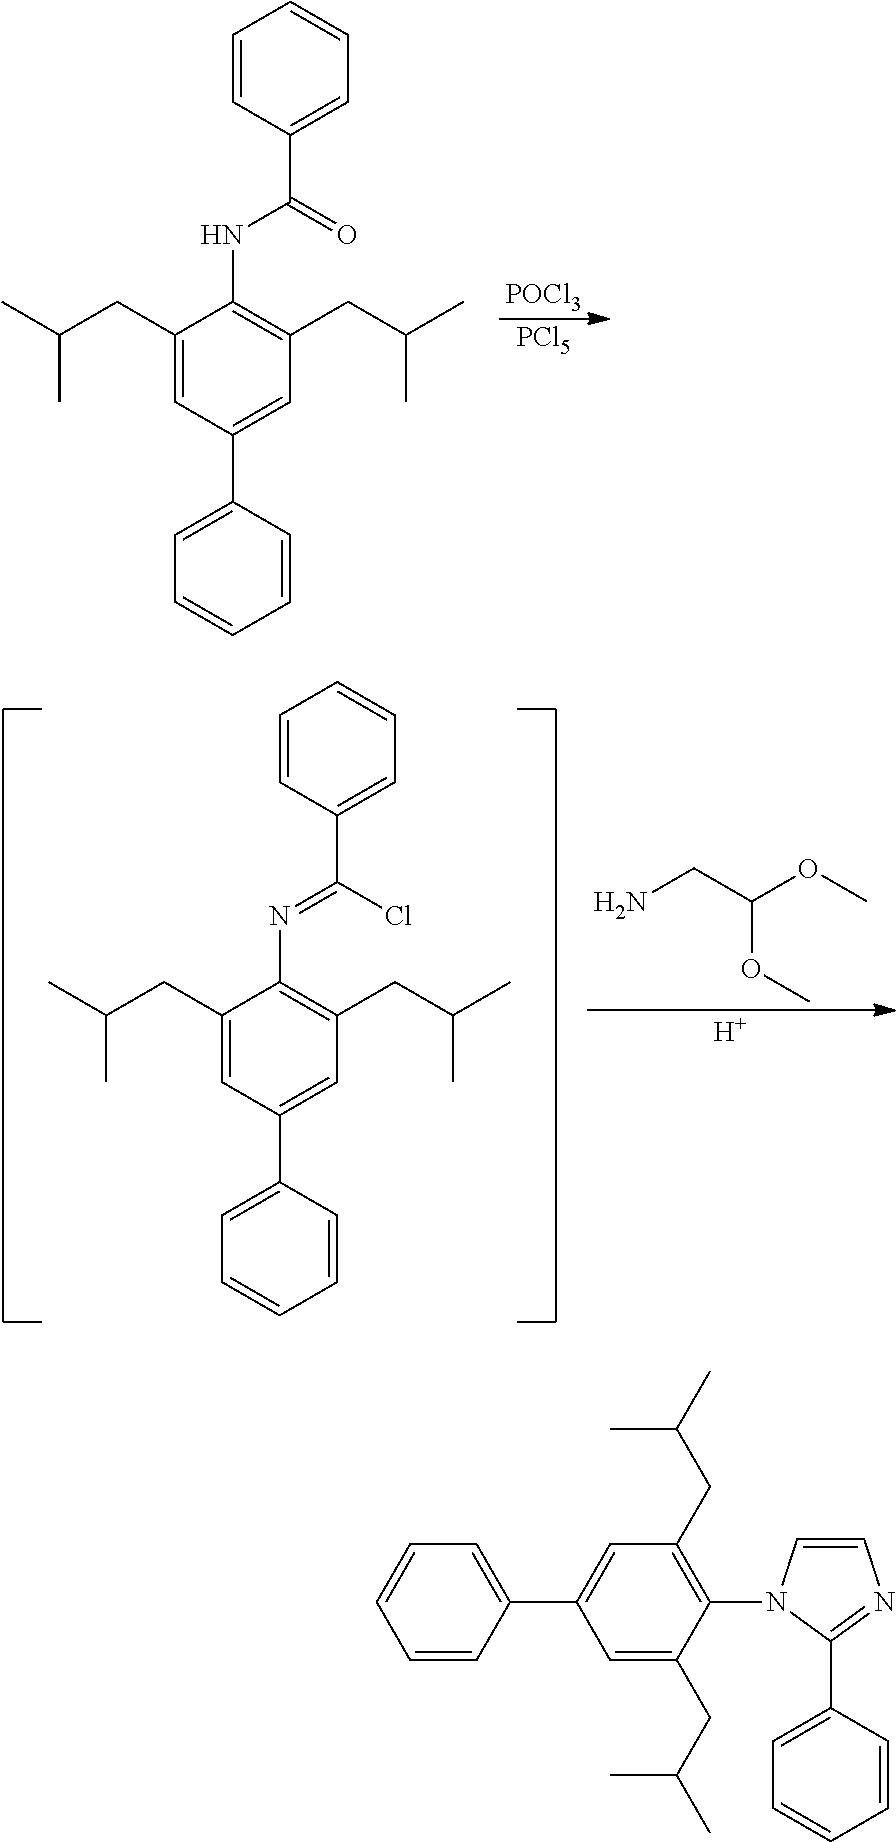 Figure US09735377-20170815-C00170